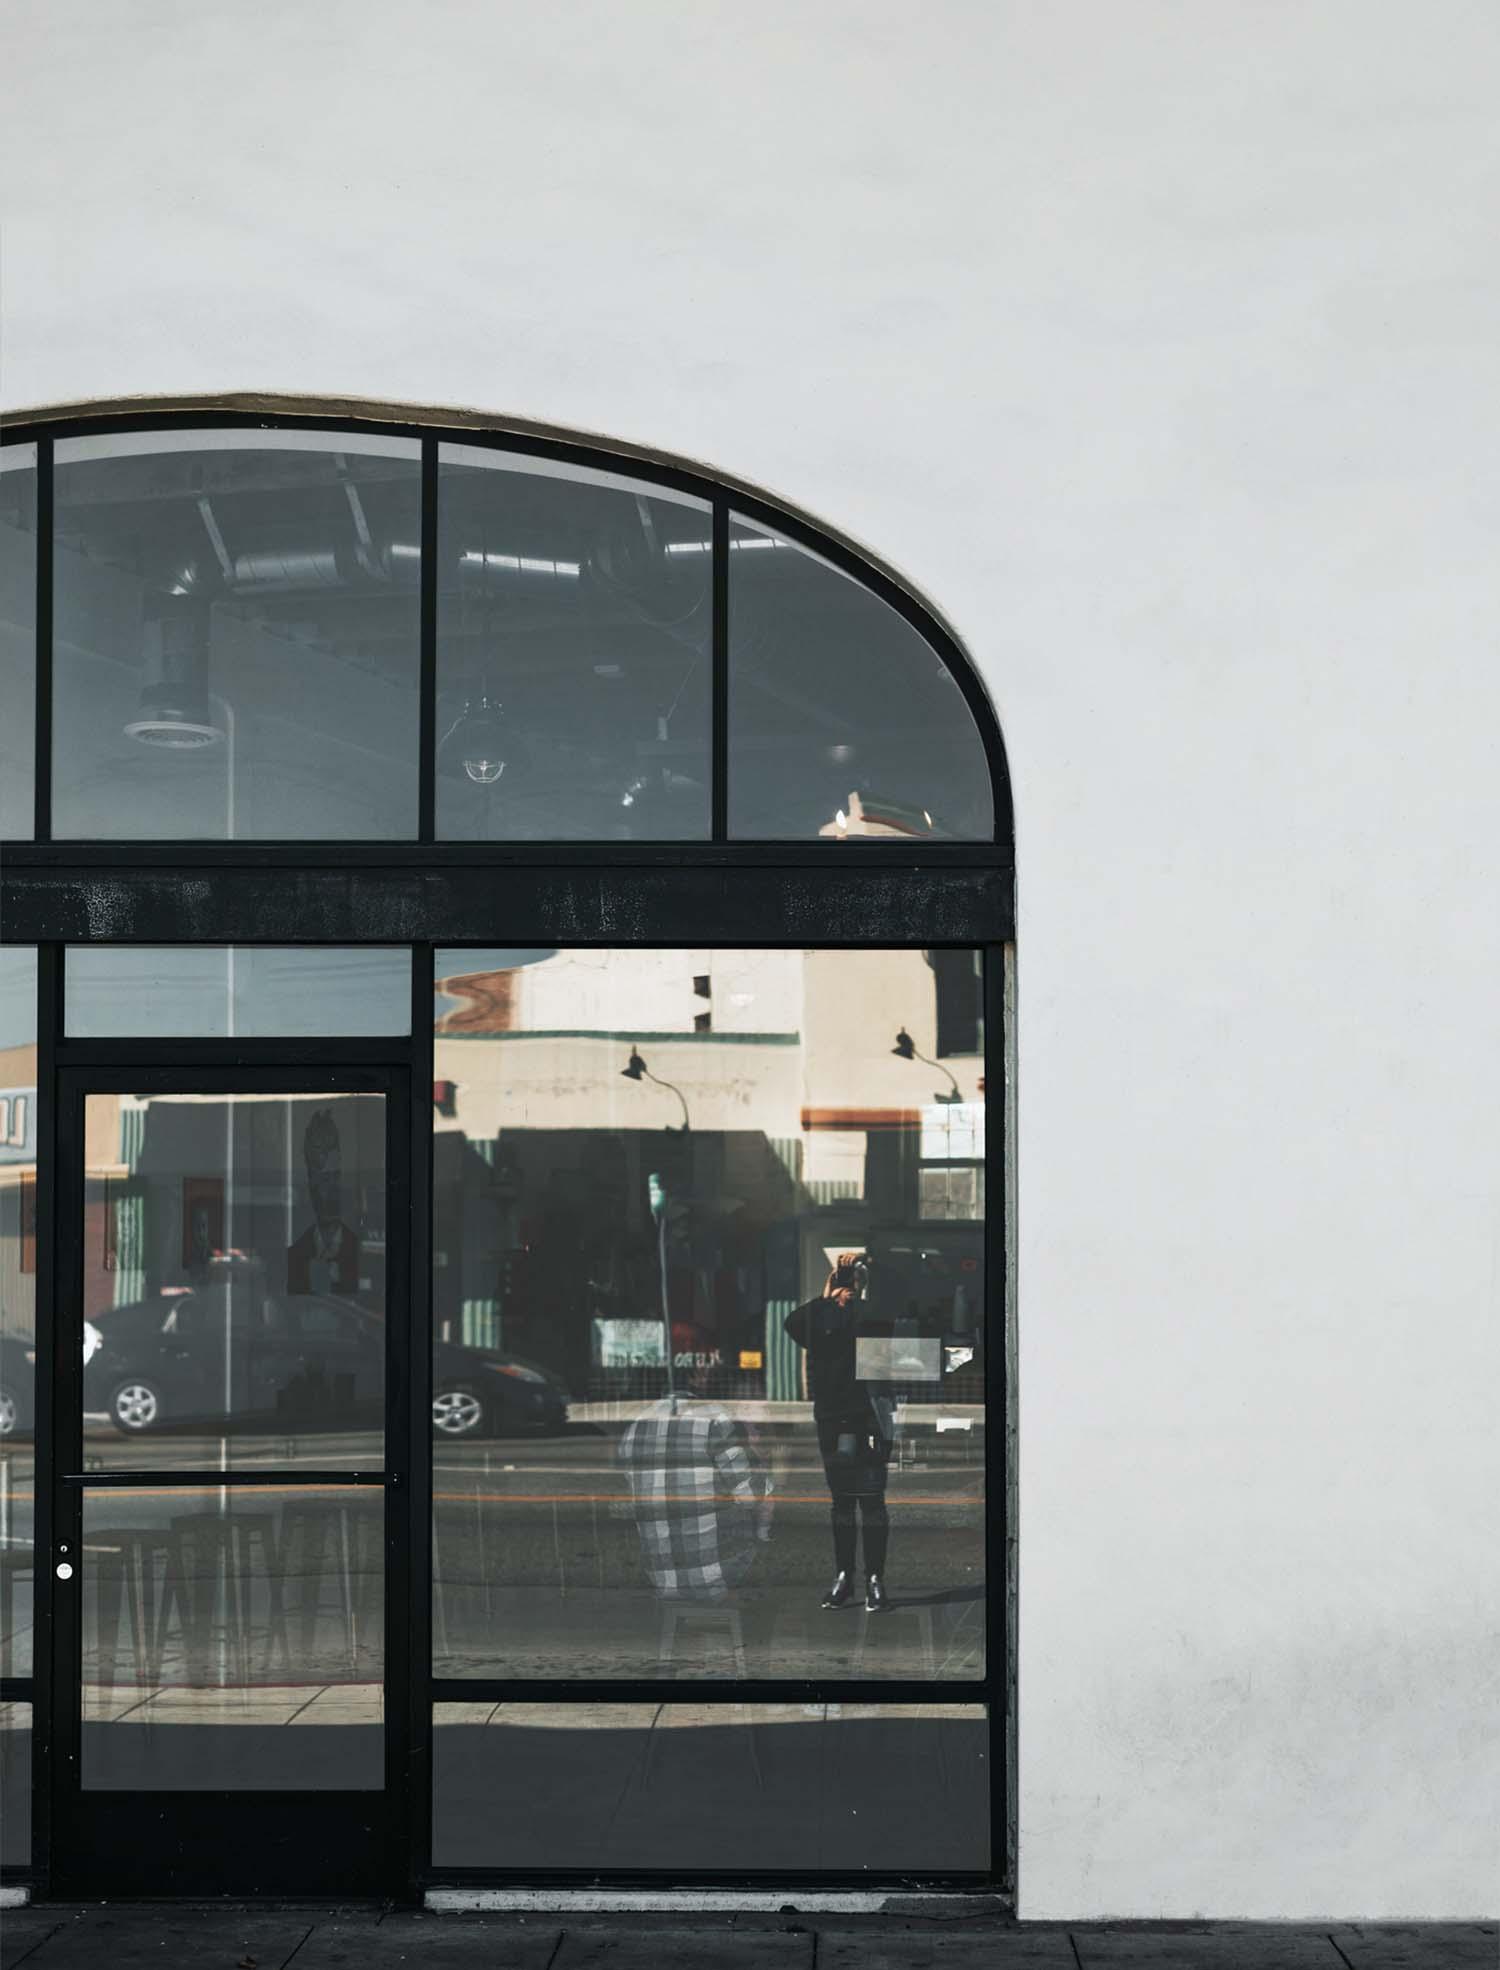 Restaurant Storefront Mockup 2